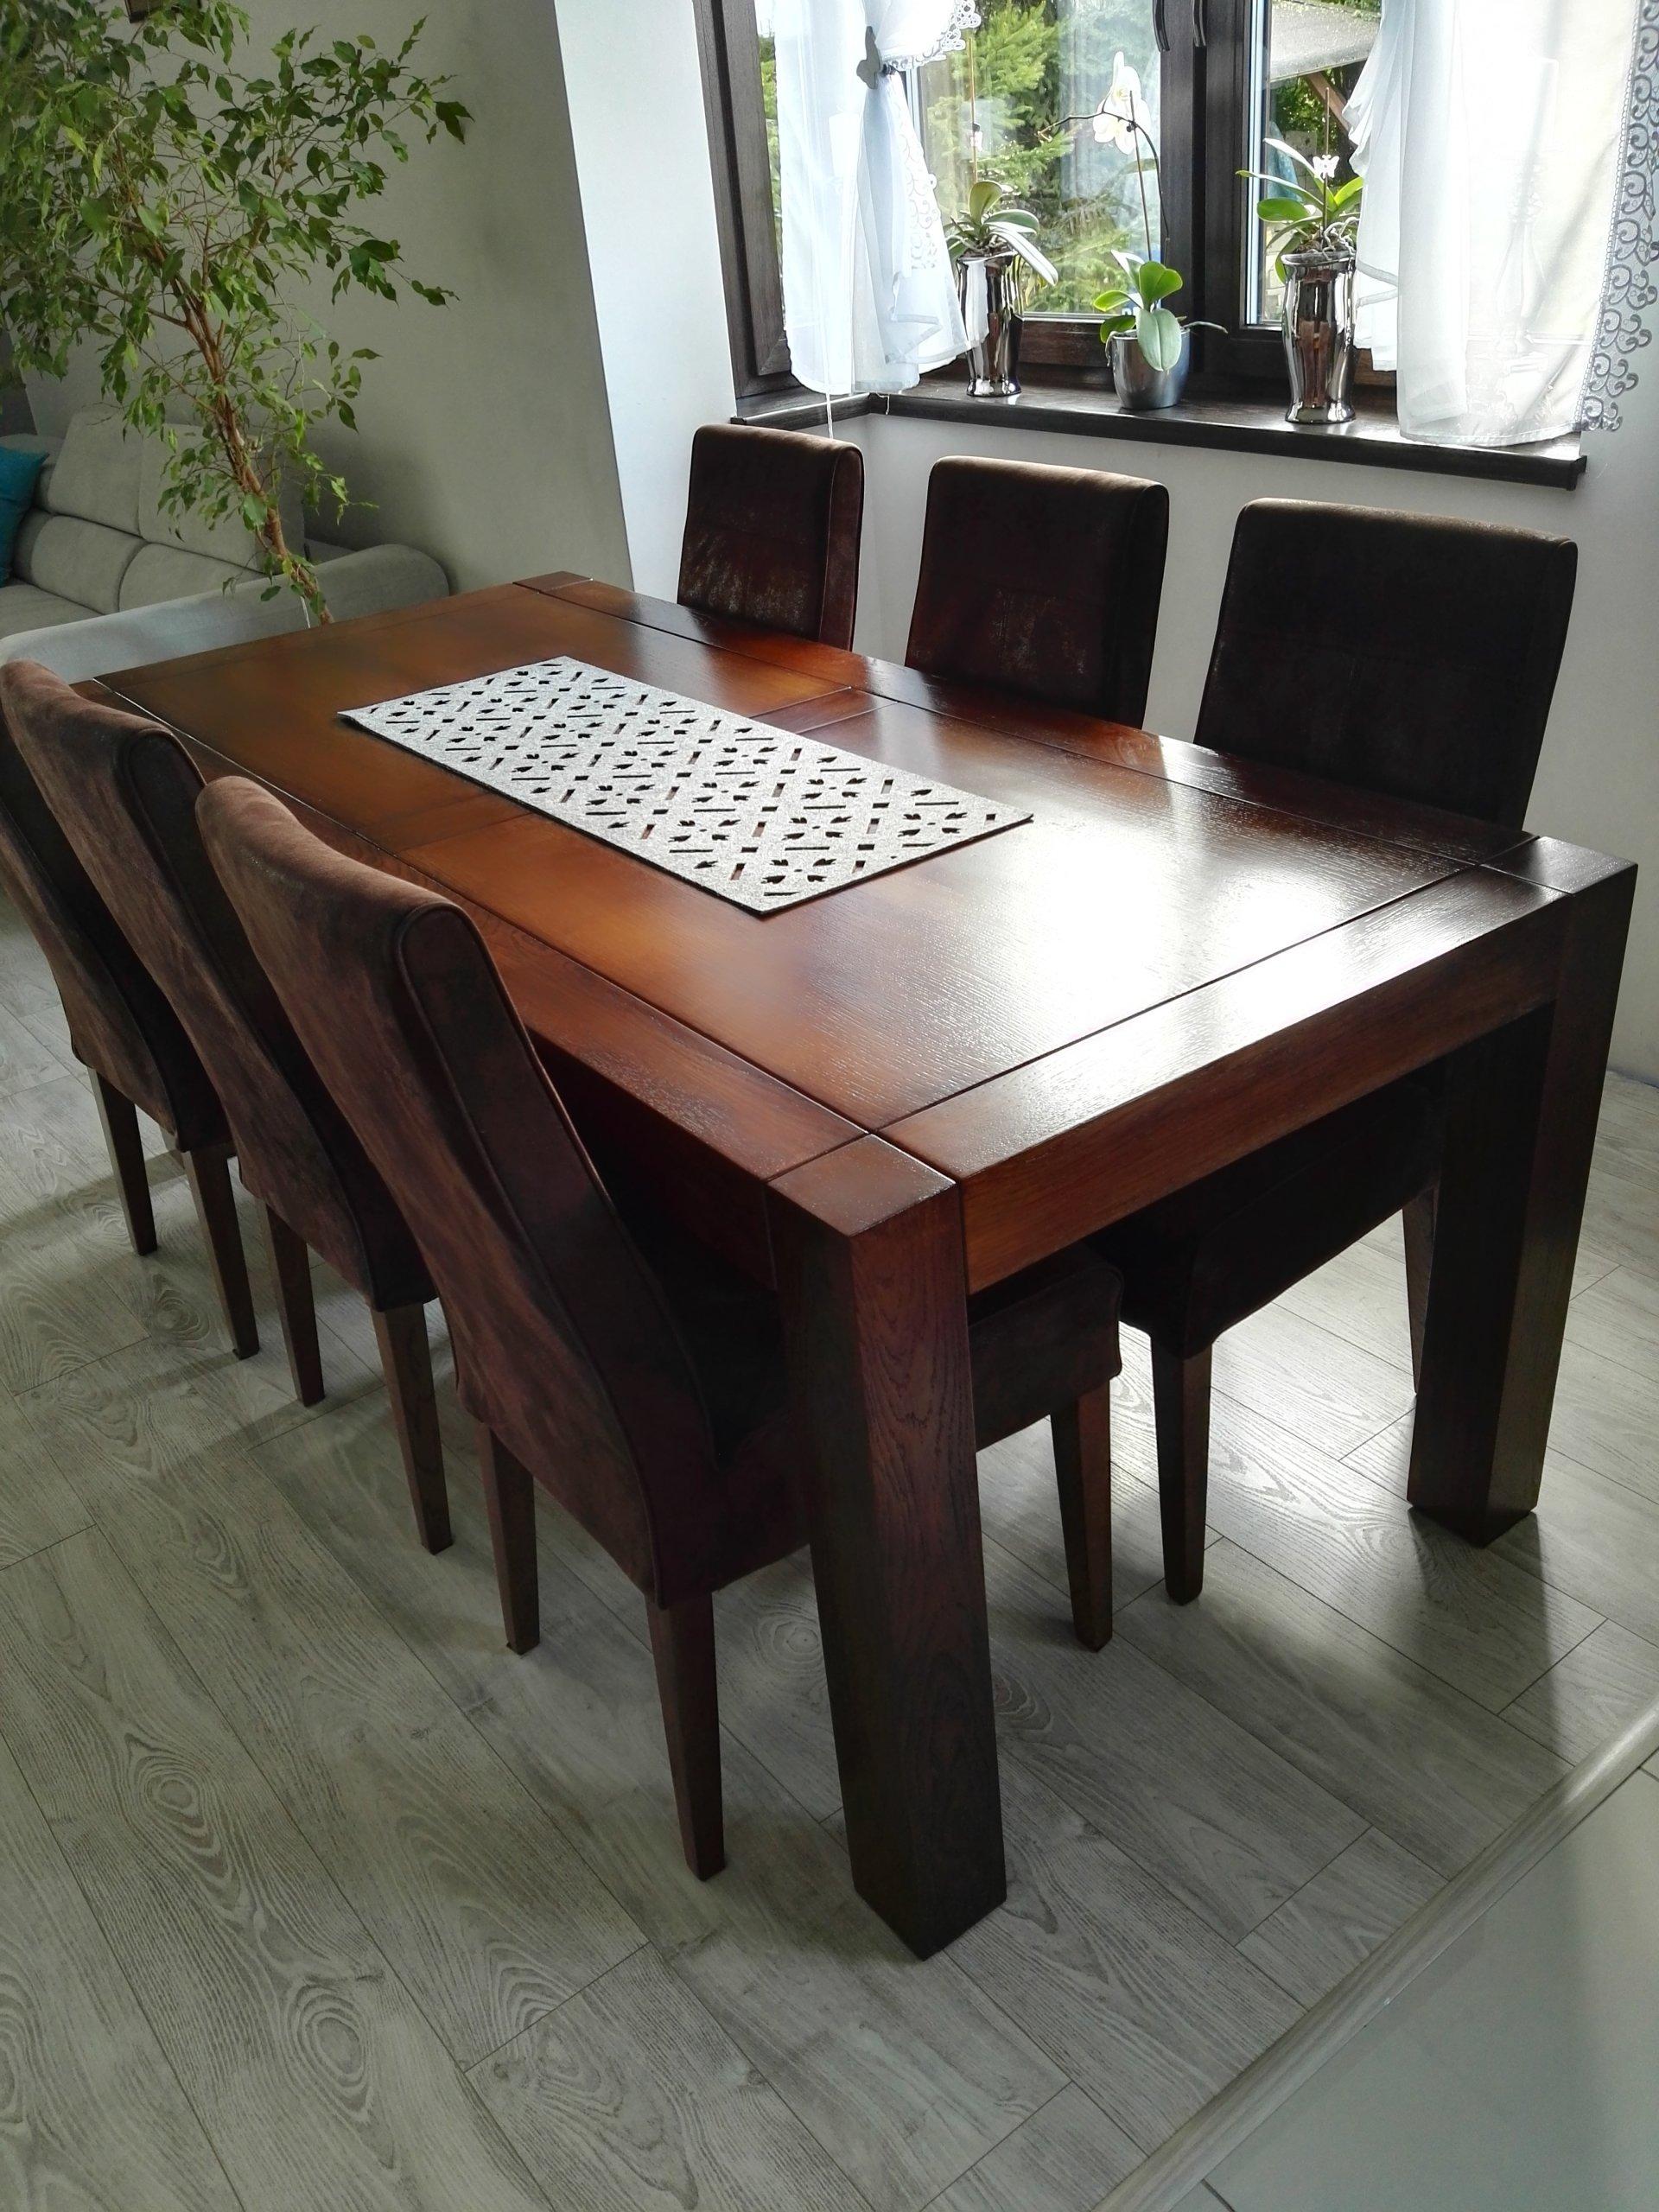 Stół Dębowy Z Krzesłami 7121855560 Oficjalne Archiwum Allegro